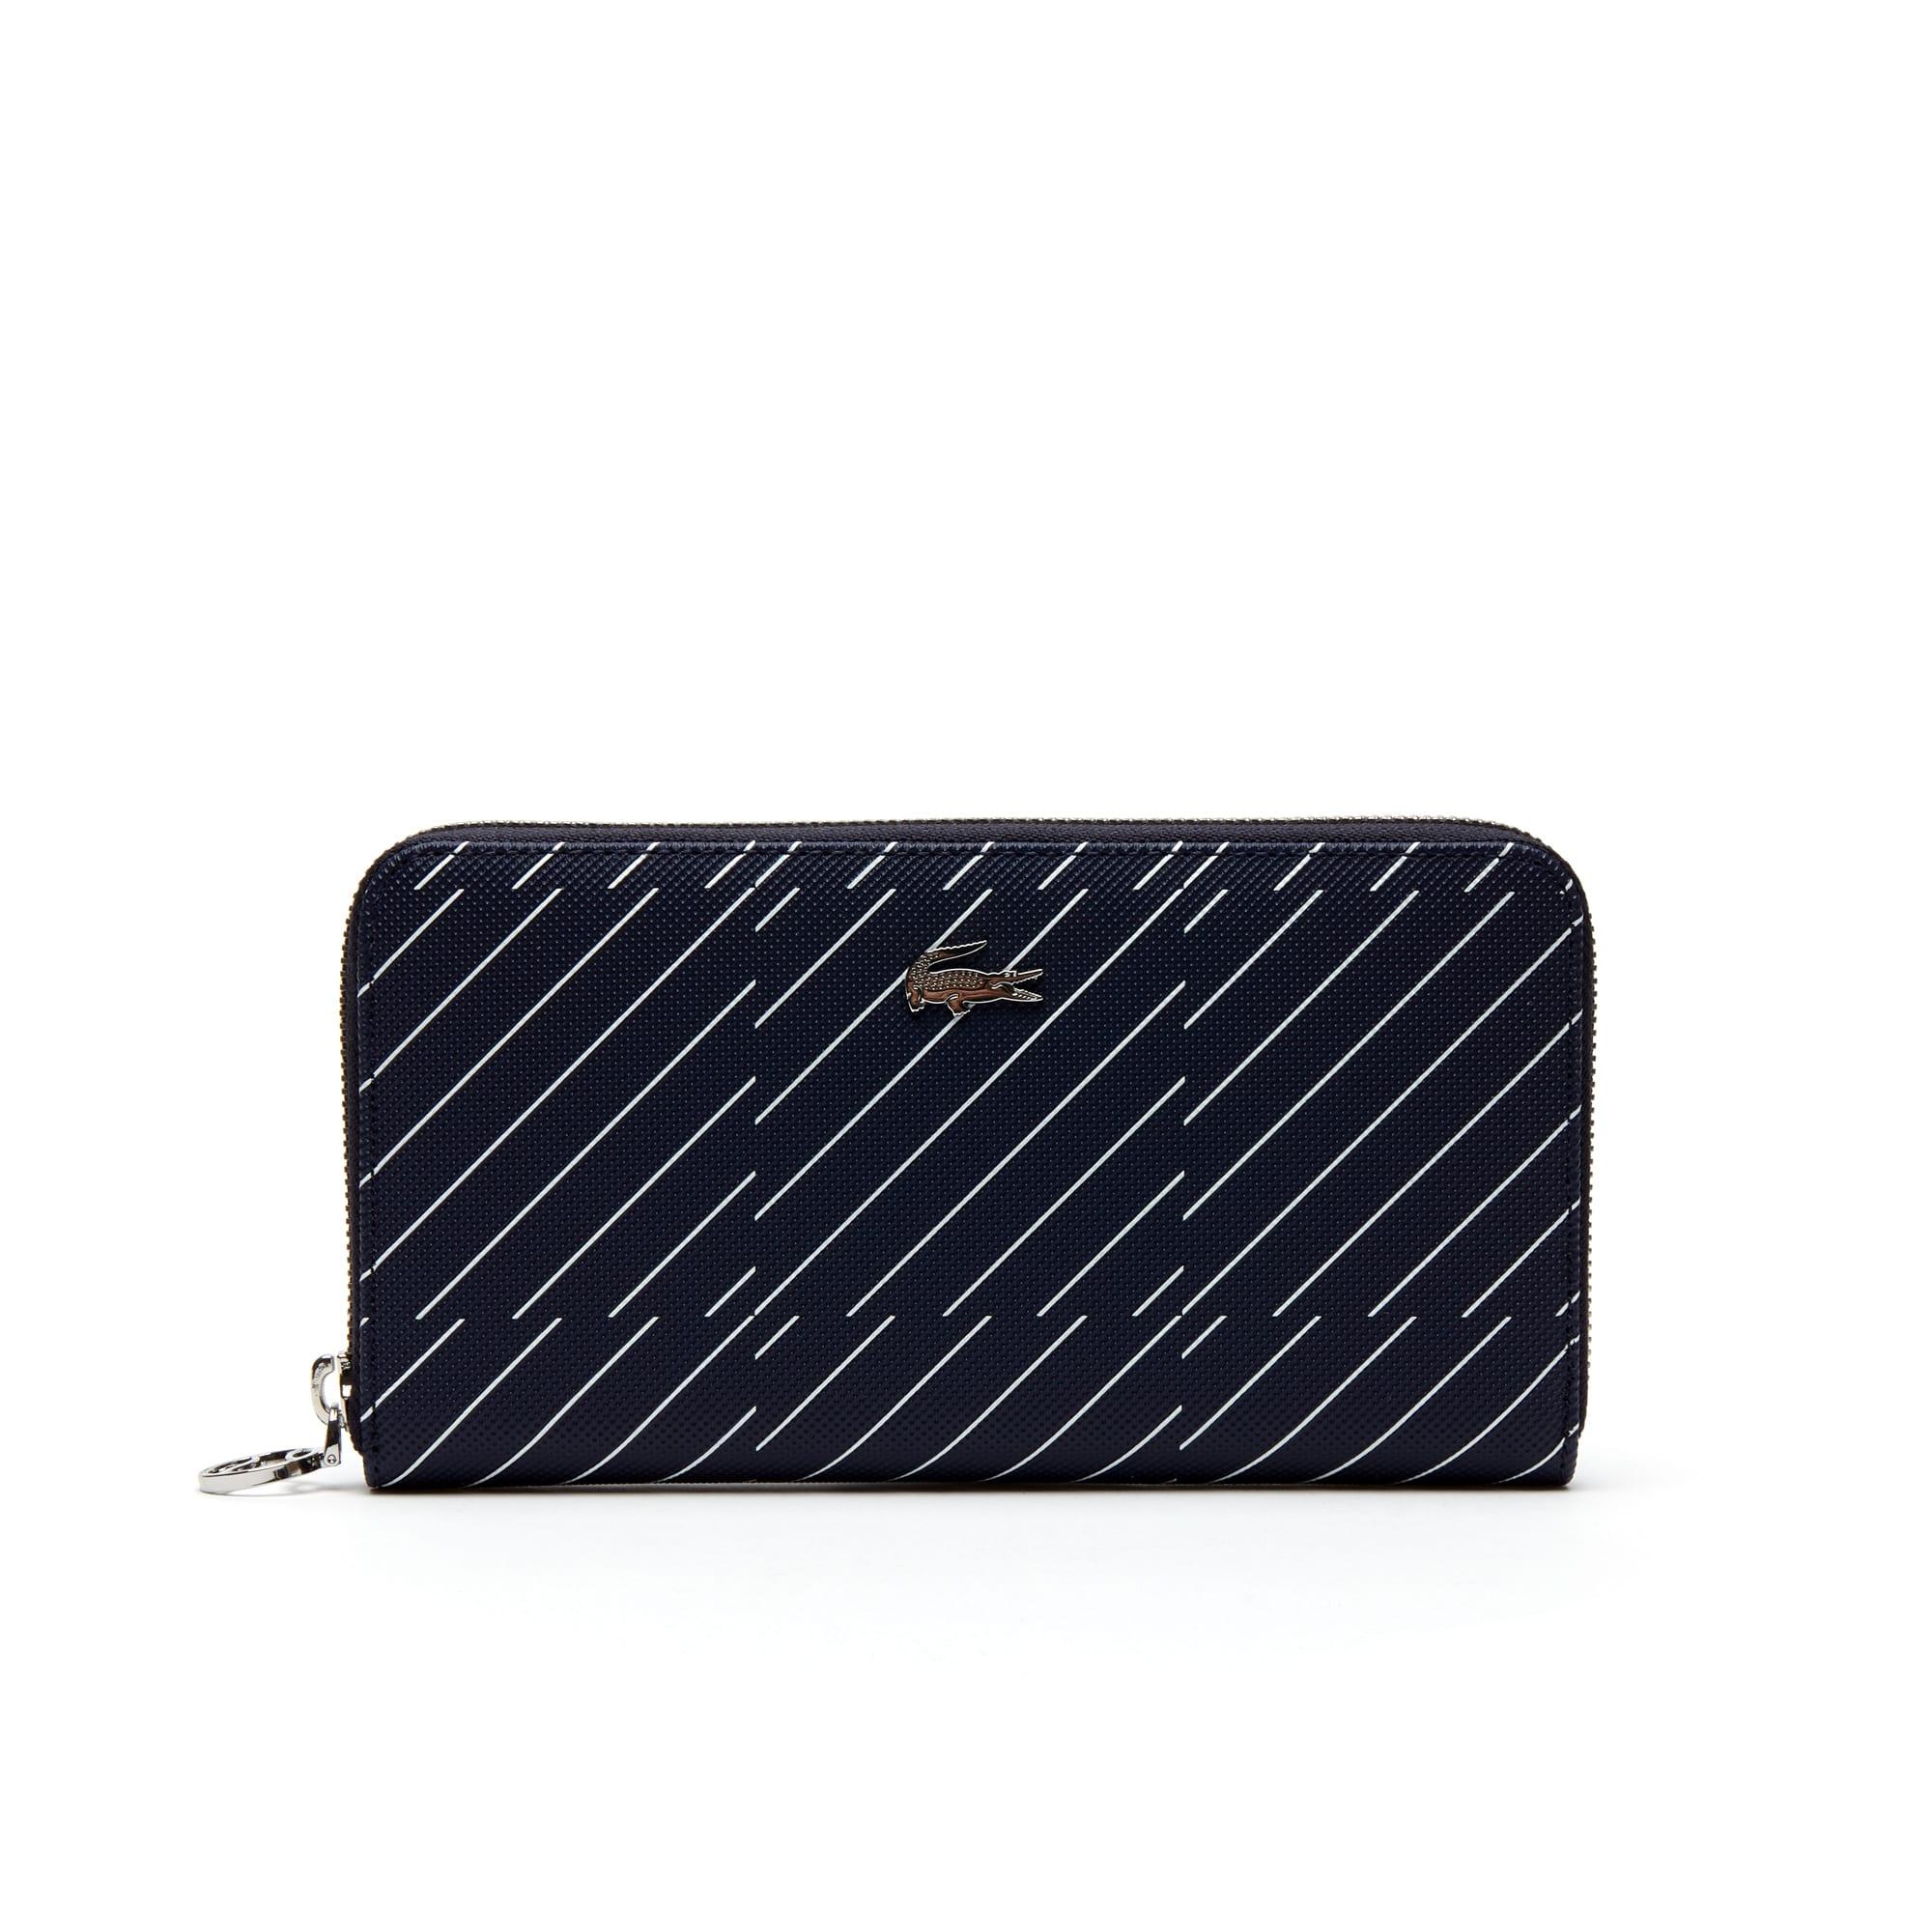 Damen Daily Classic Brieftasche aus Piqué-Canvas mit Aufdruck